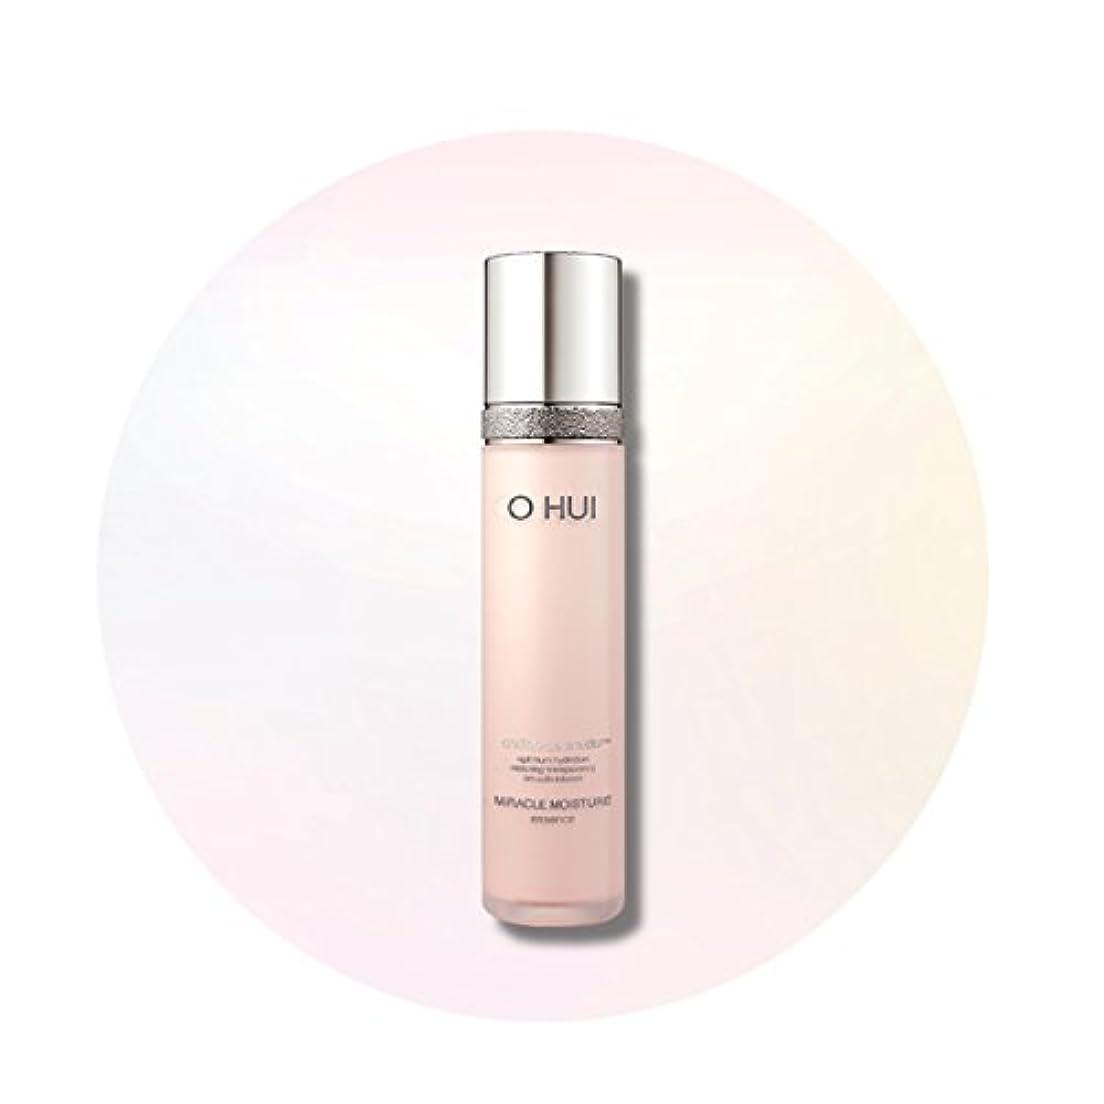 取り付けプランター器具Korean Cosmetics_Ohui Miracle Moisture Essence_45ml[行輸入品]